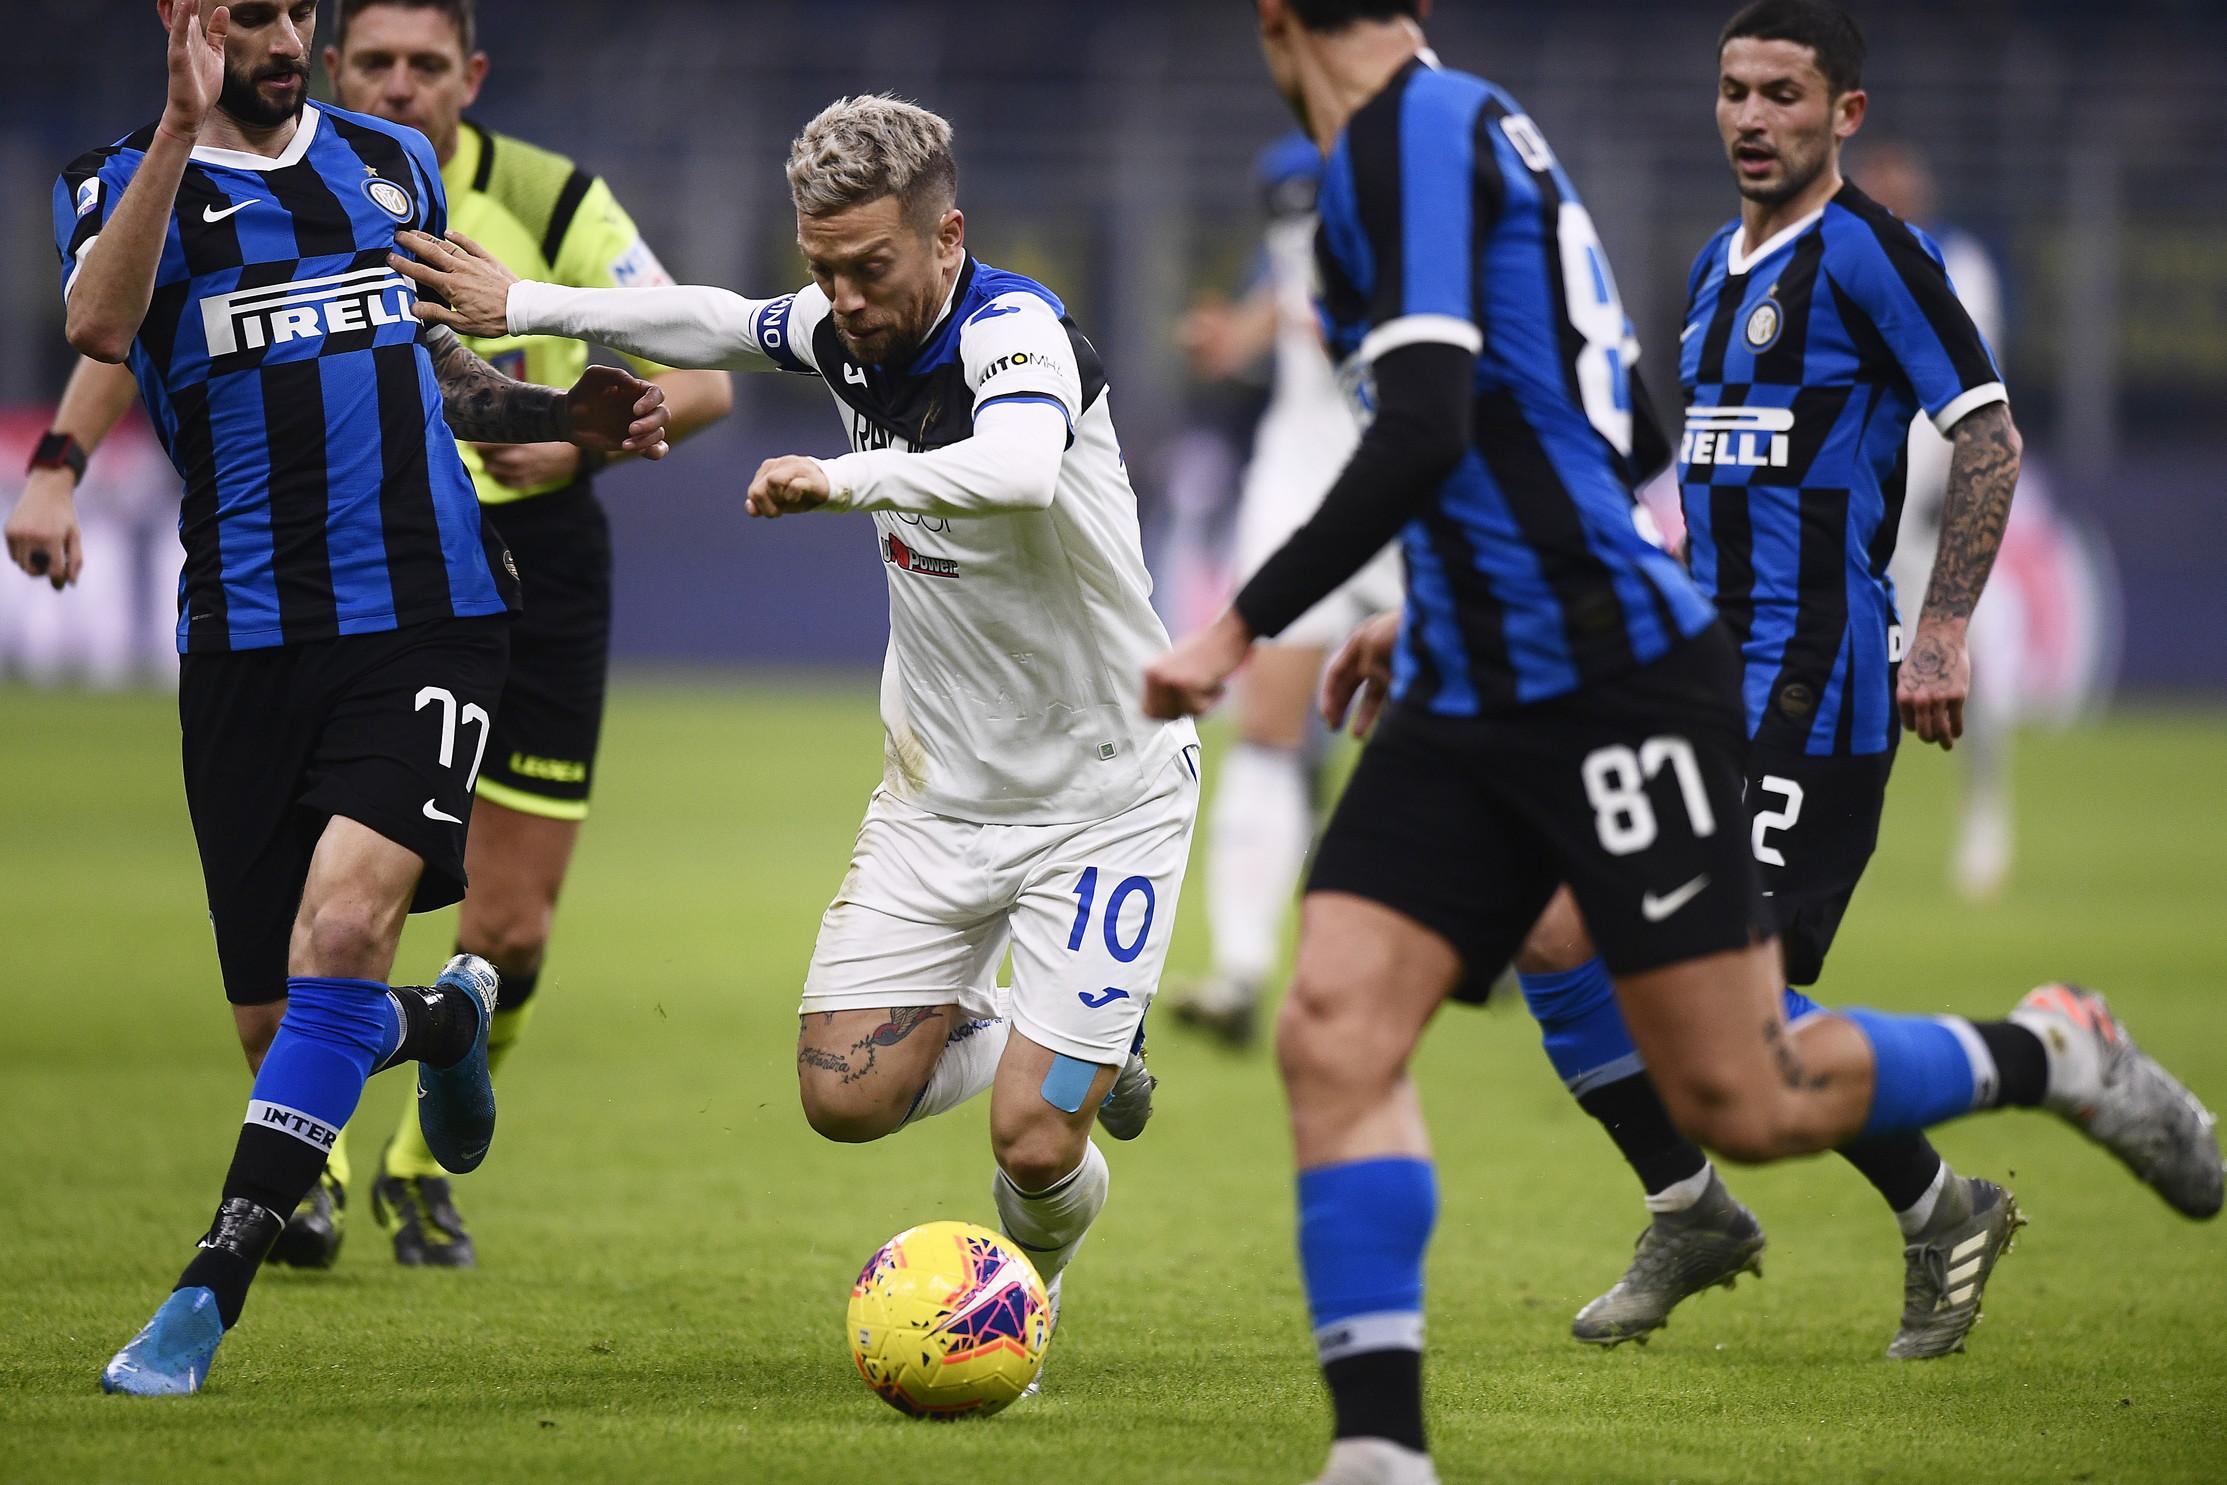 Le migliori foto del big-match di San Siro tra Inter e Atalanta